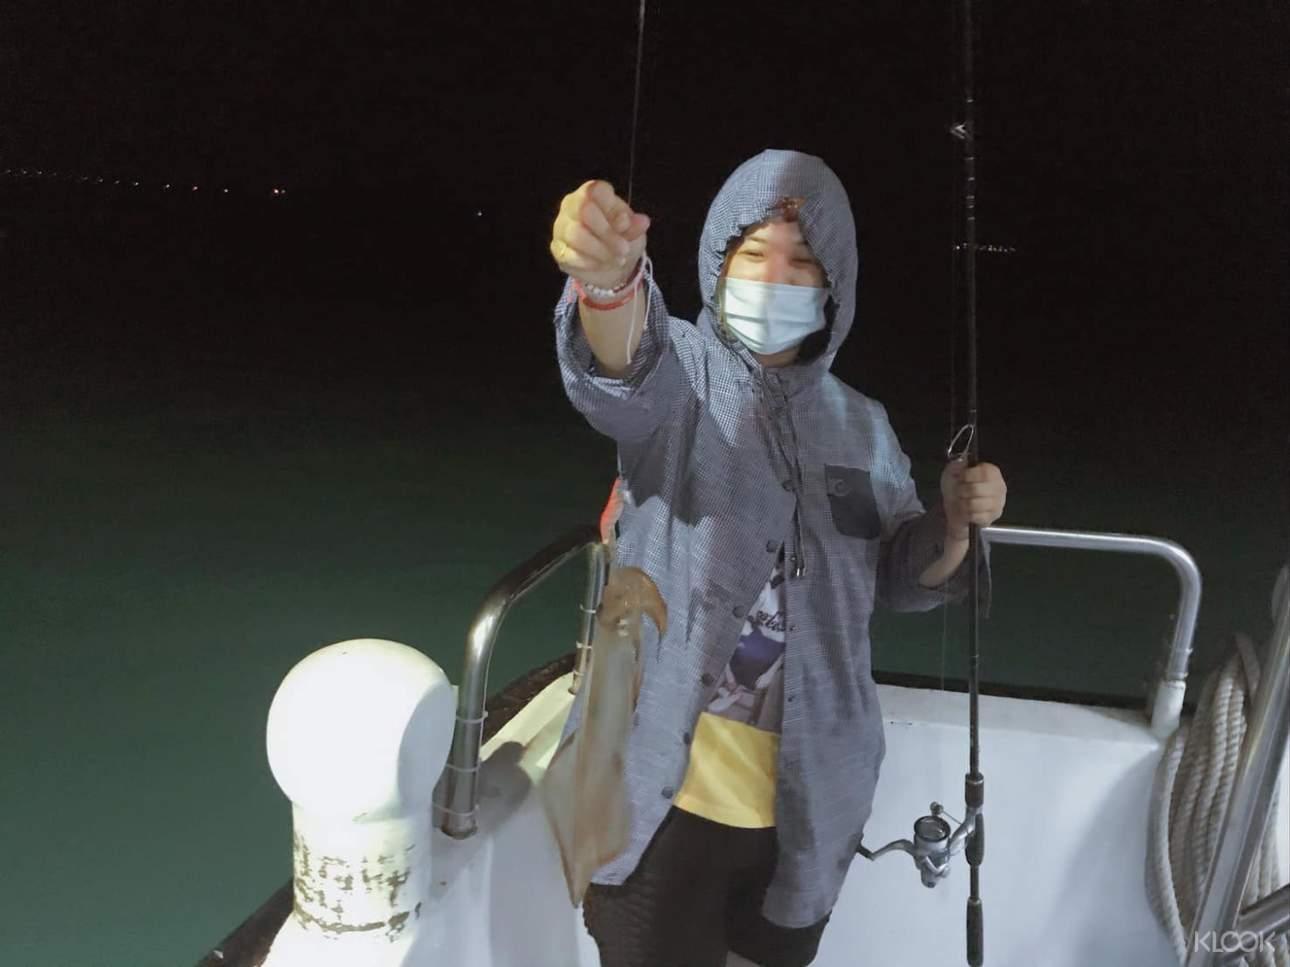 只要憑著一身技巧、運氣與耐心,小管上釣的機率就會大大增加